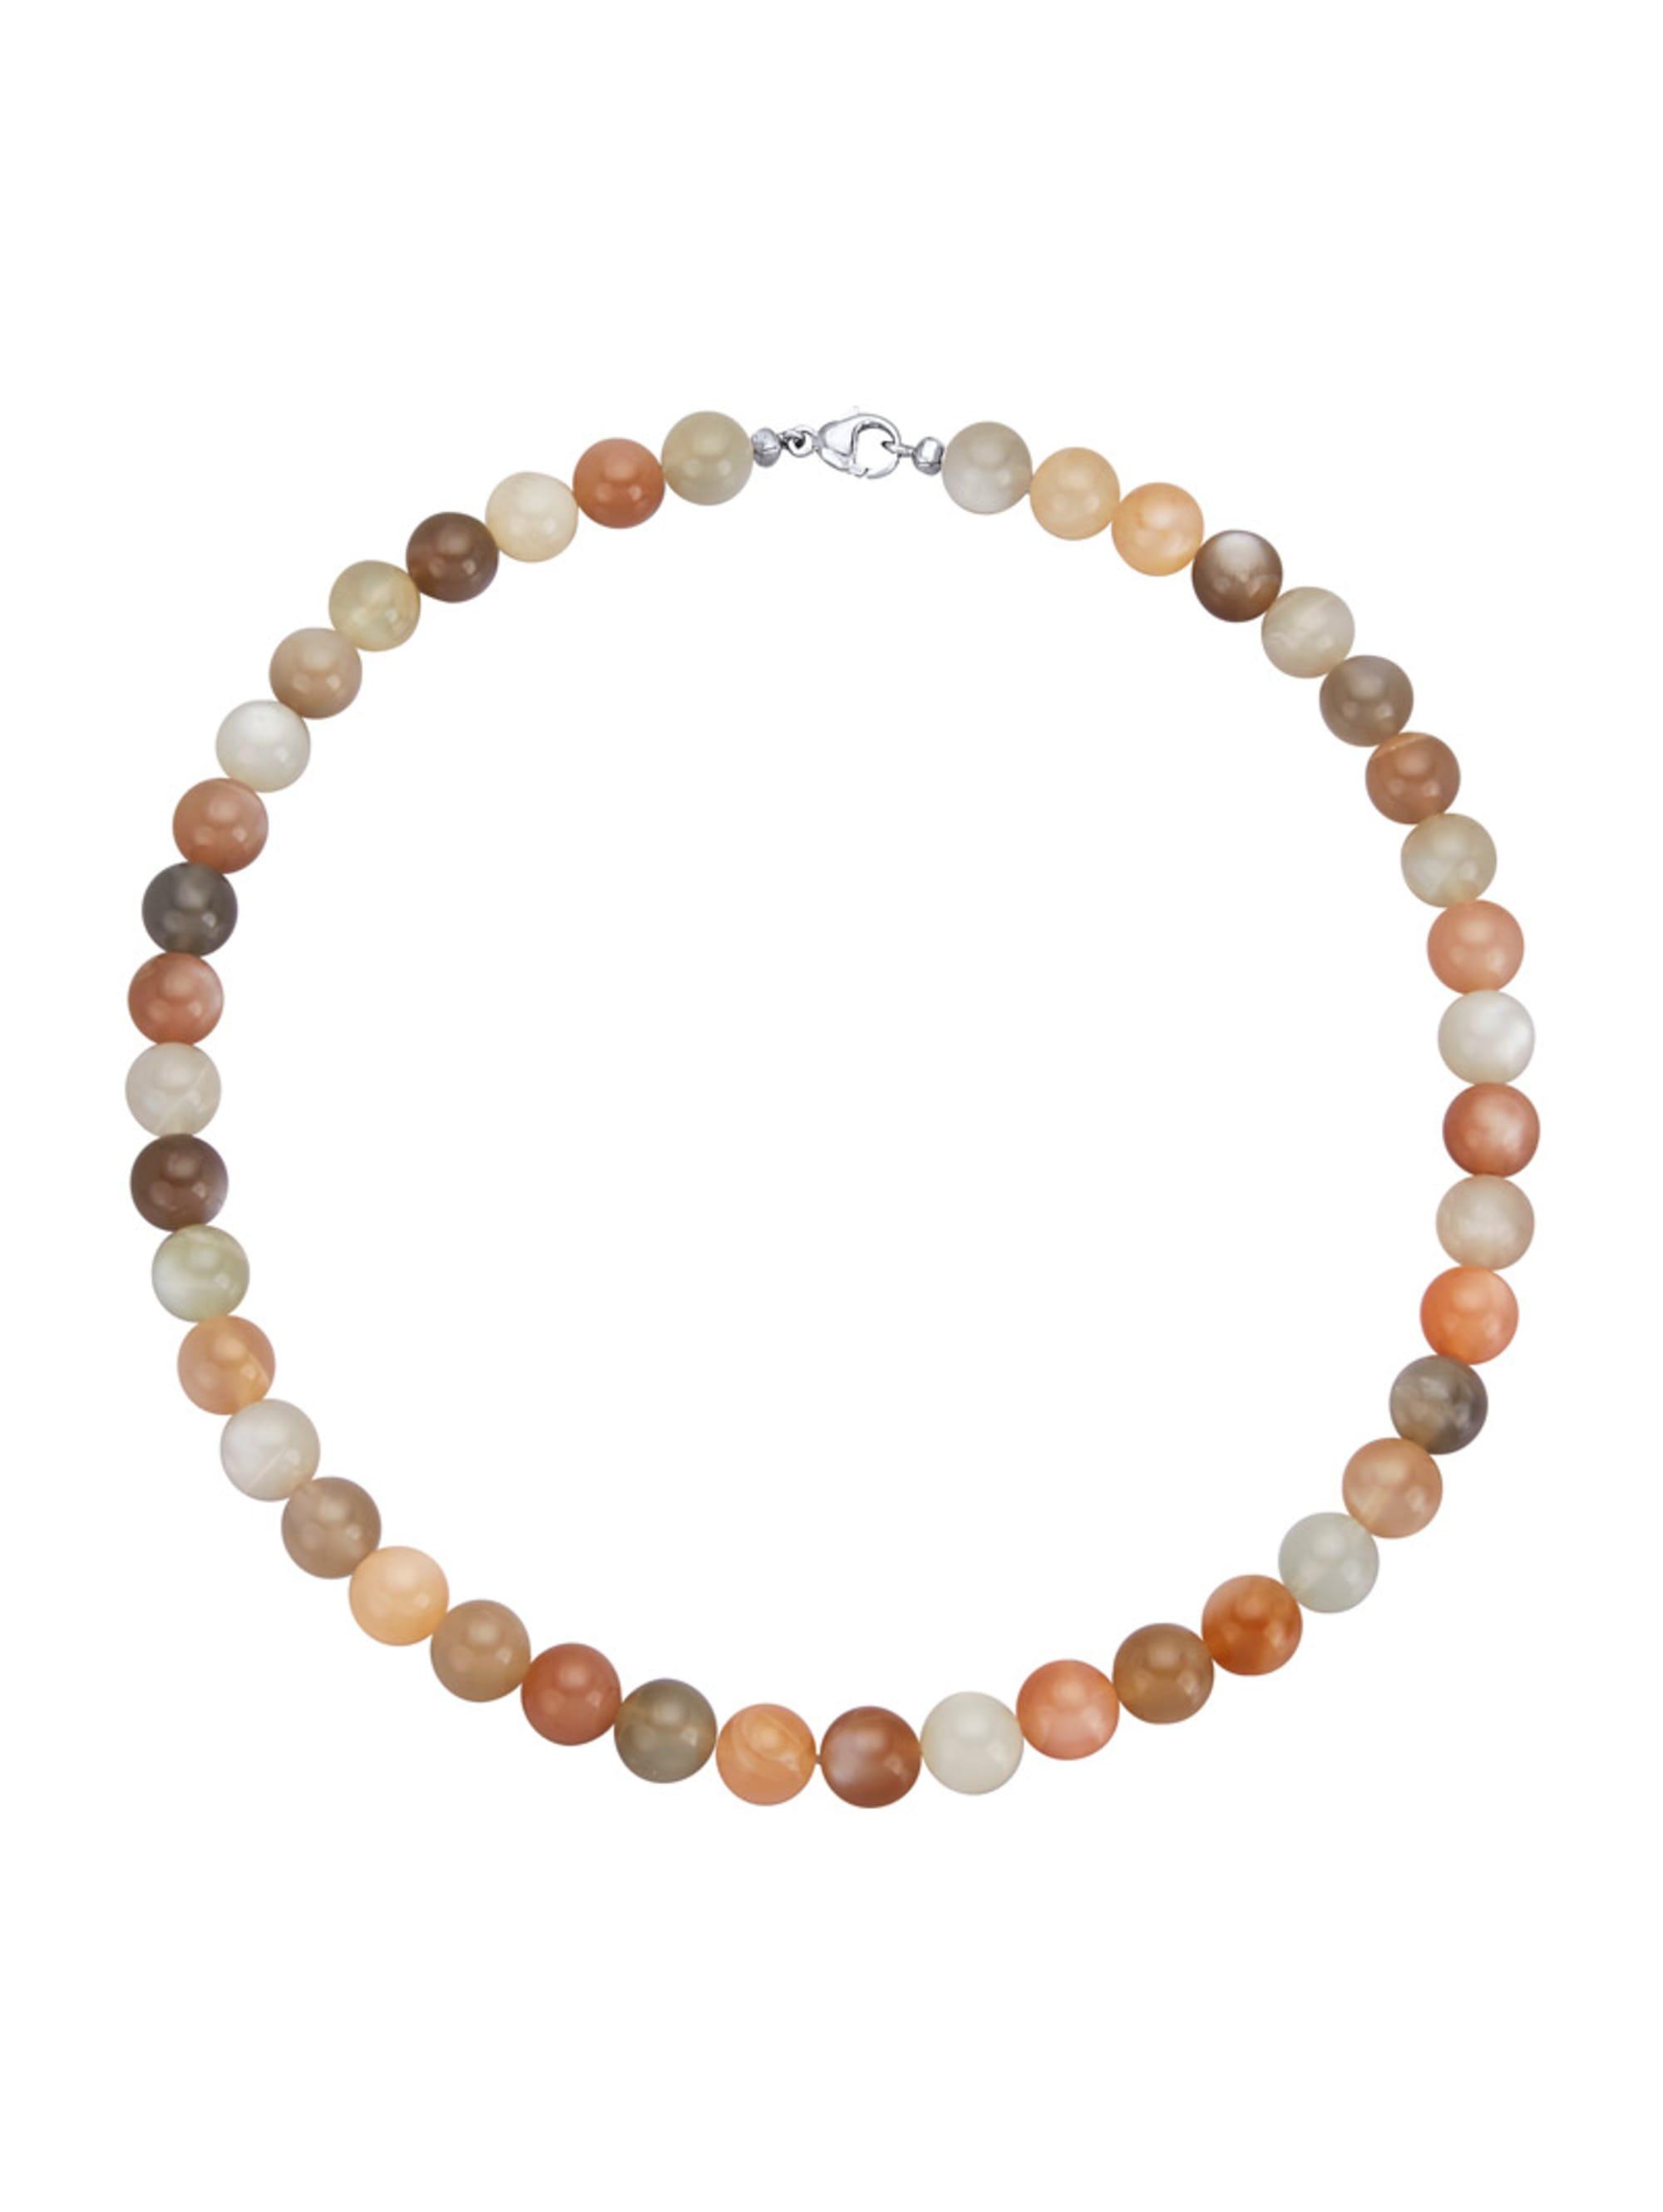 Halskette aus Mondstein jMupt